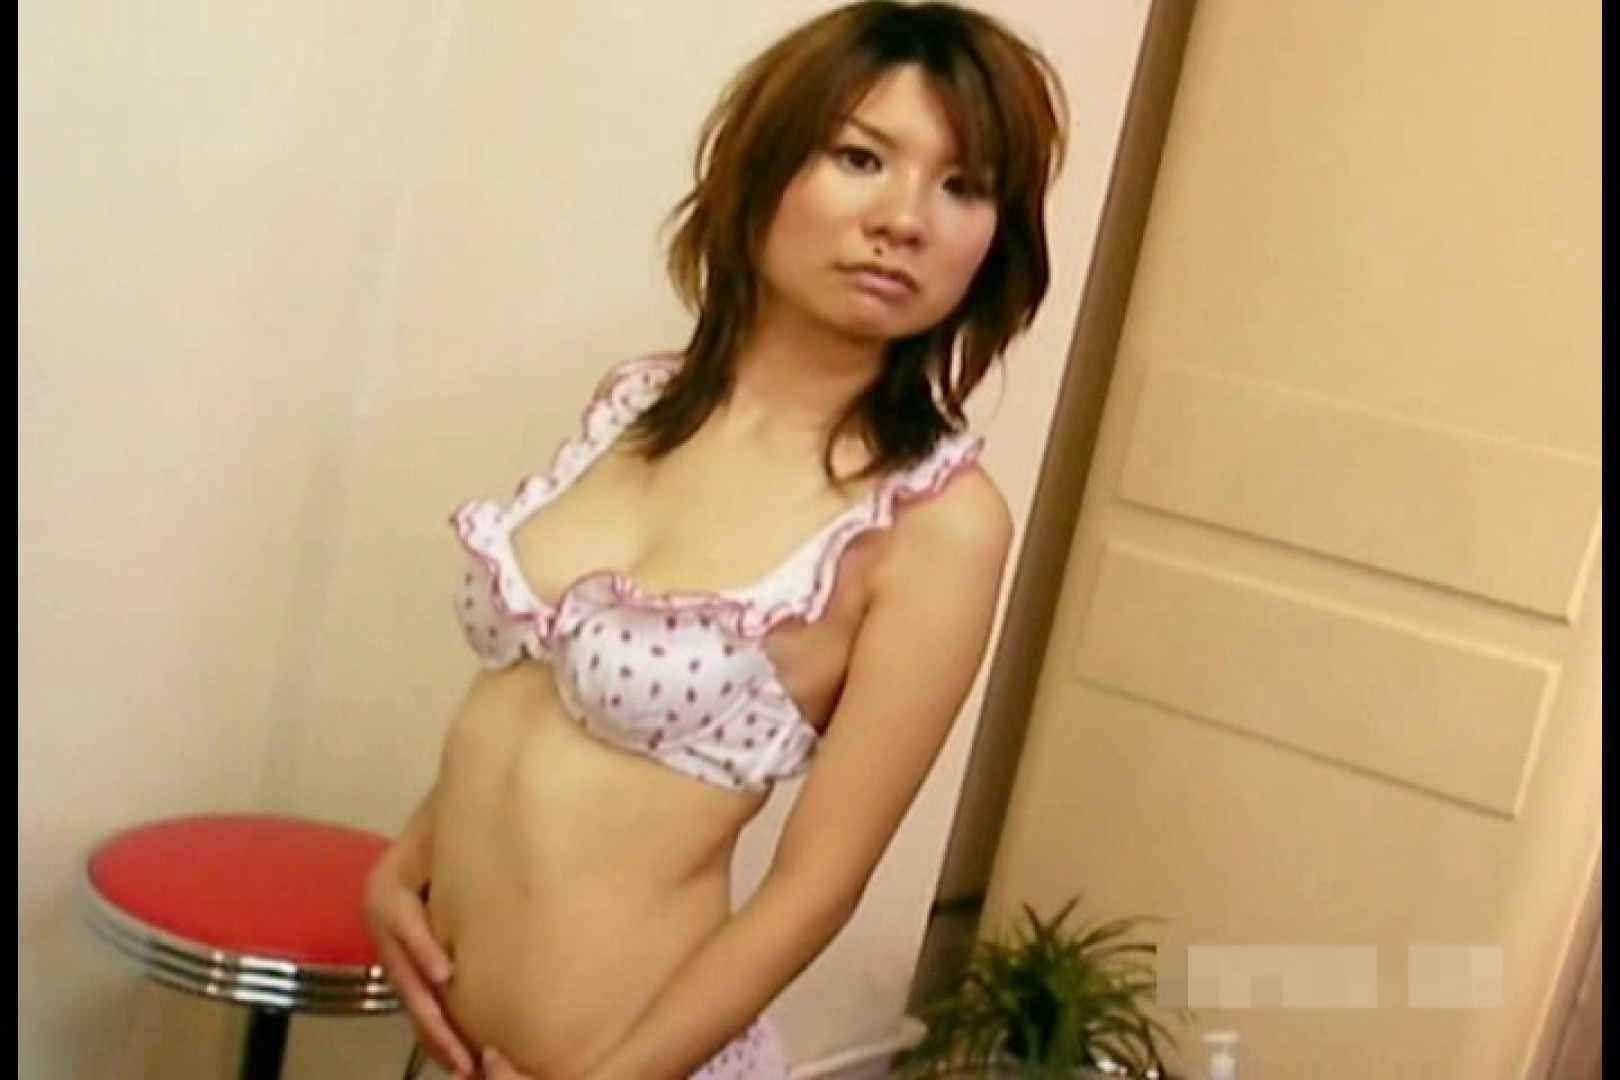 素人撮影 下着だけの撮影のはずが・・・まり25歳 おっぱい大好き  67pic 42